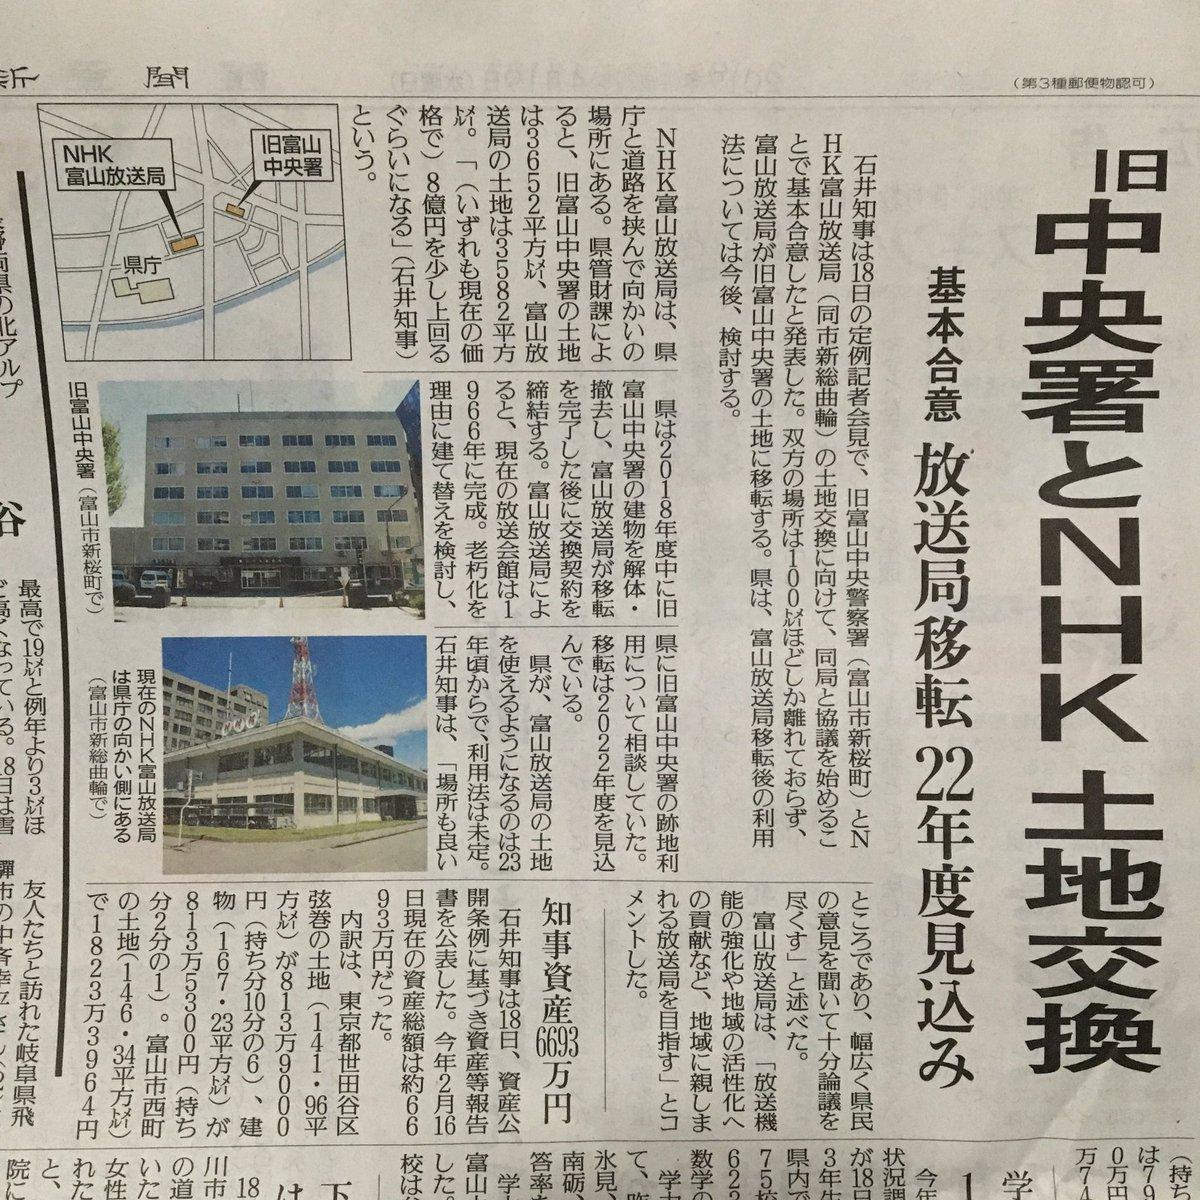 昨年春のアニメ「#クロムクロ 」に登場し破壊され、一部で話題になったNHK富山放送局の放送会館。老朽化が課題となり、富山